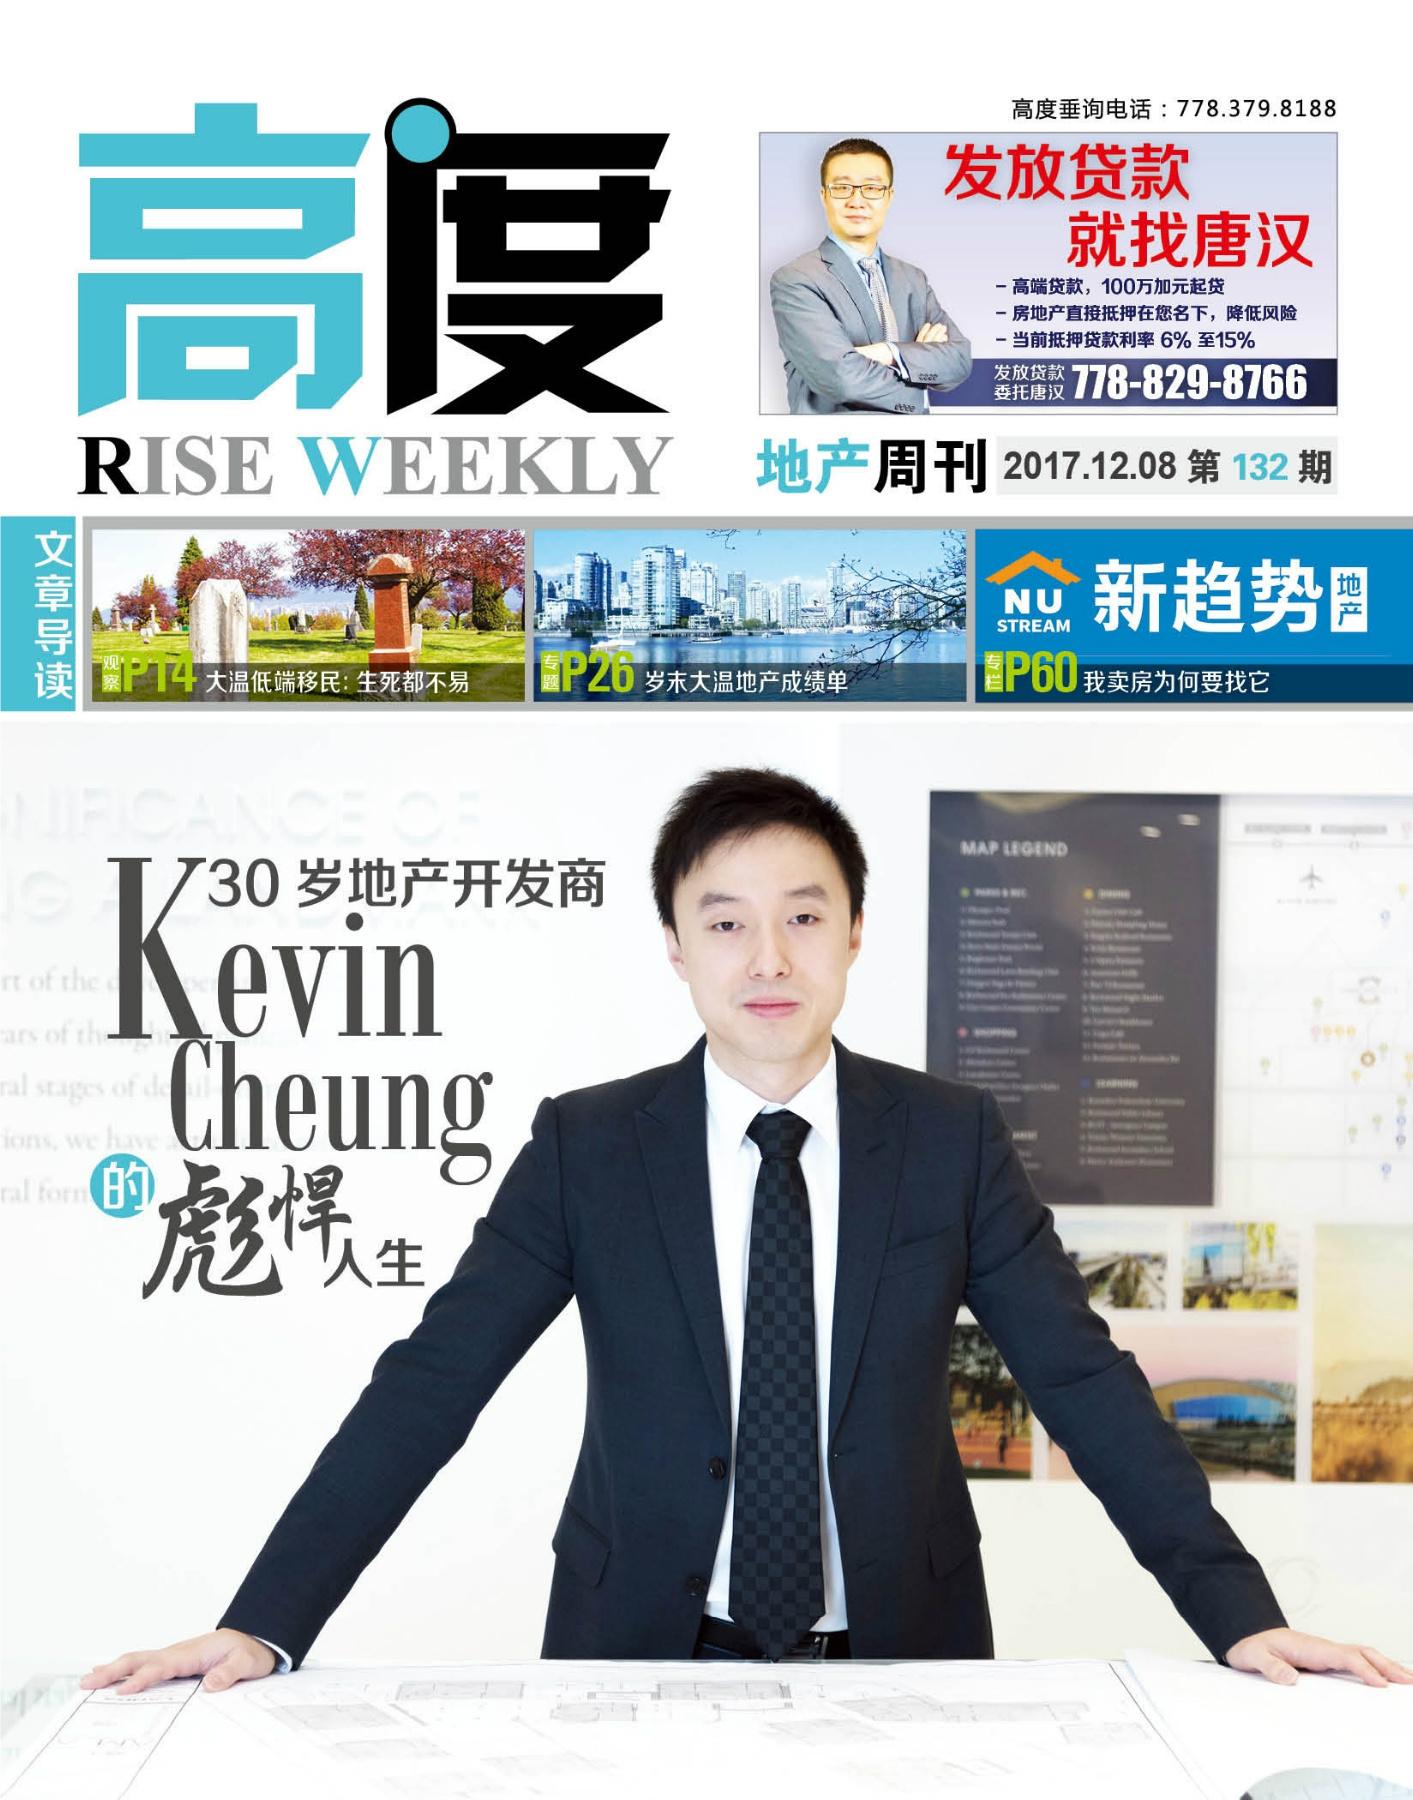 高度地产周刊 2017年12月08日 第132期